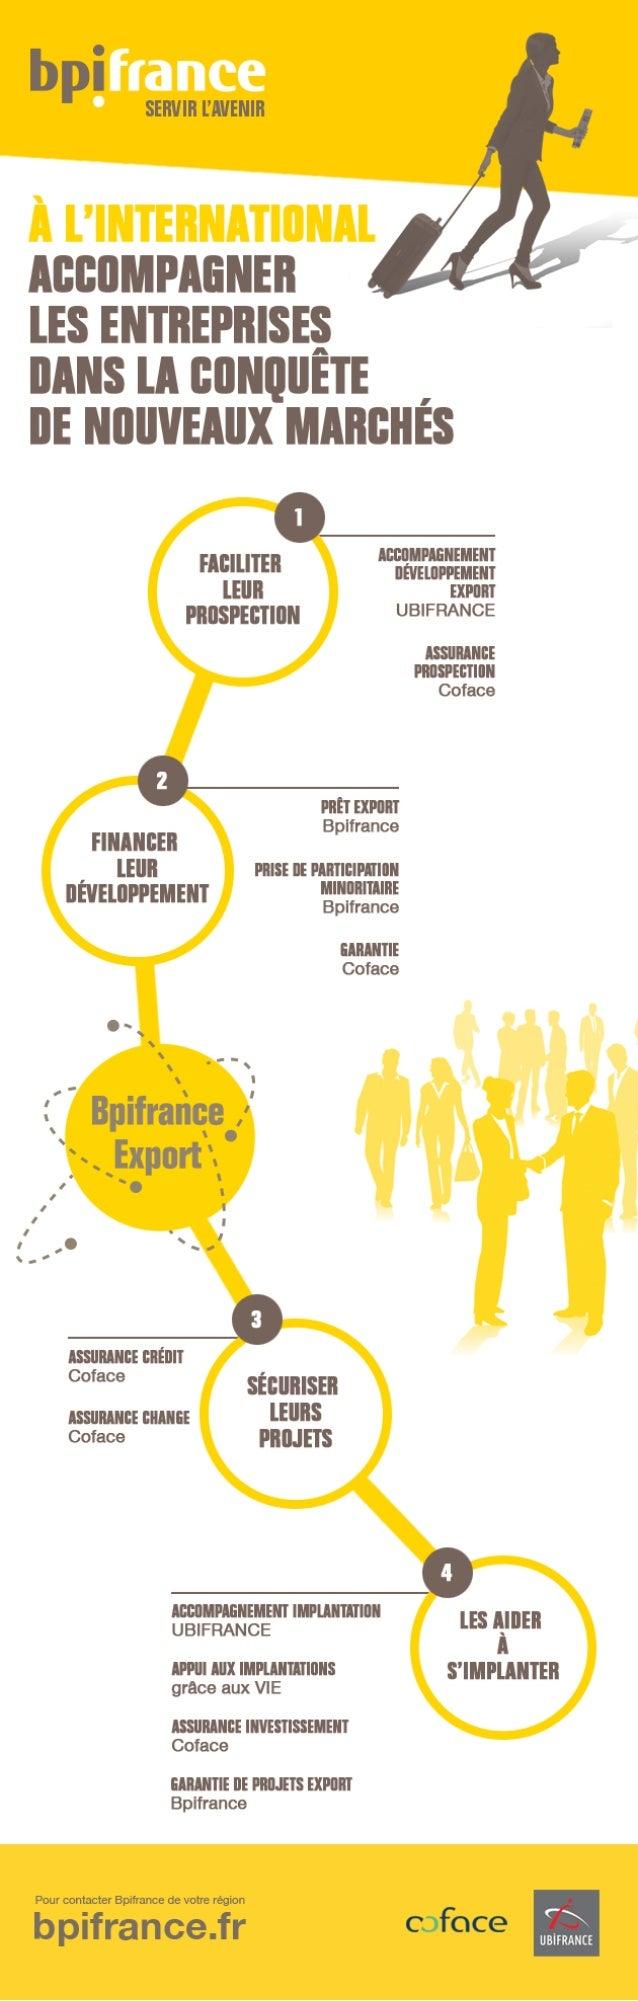 Infographie : l'accompagnement des entreprises françaises à l'international